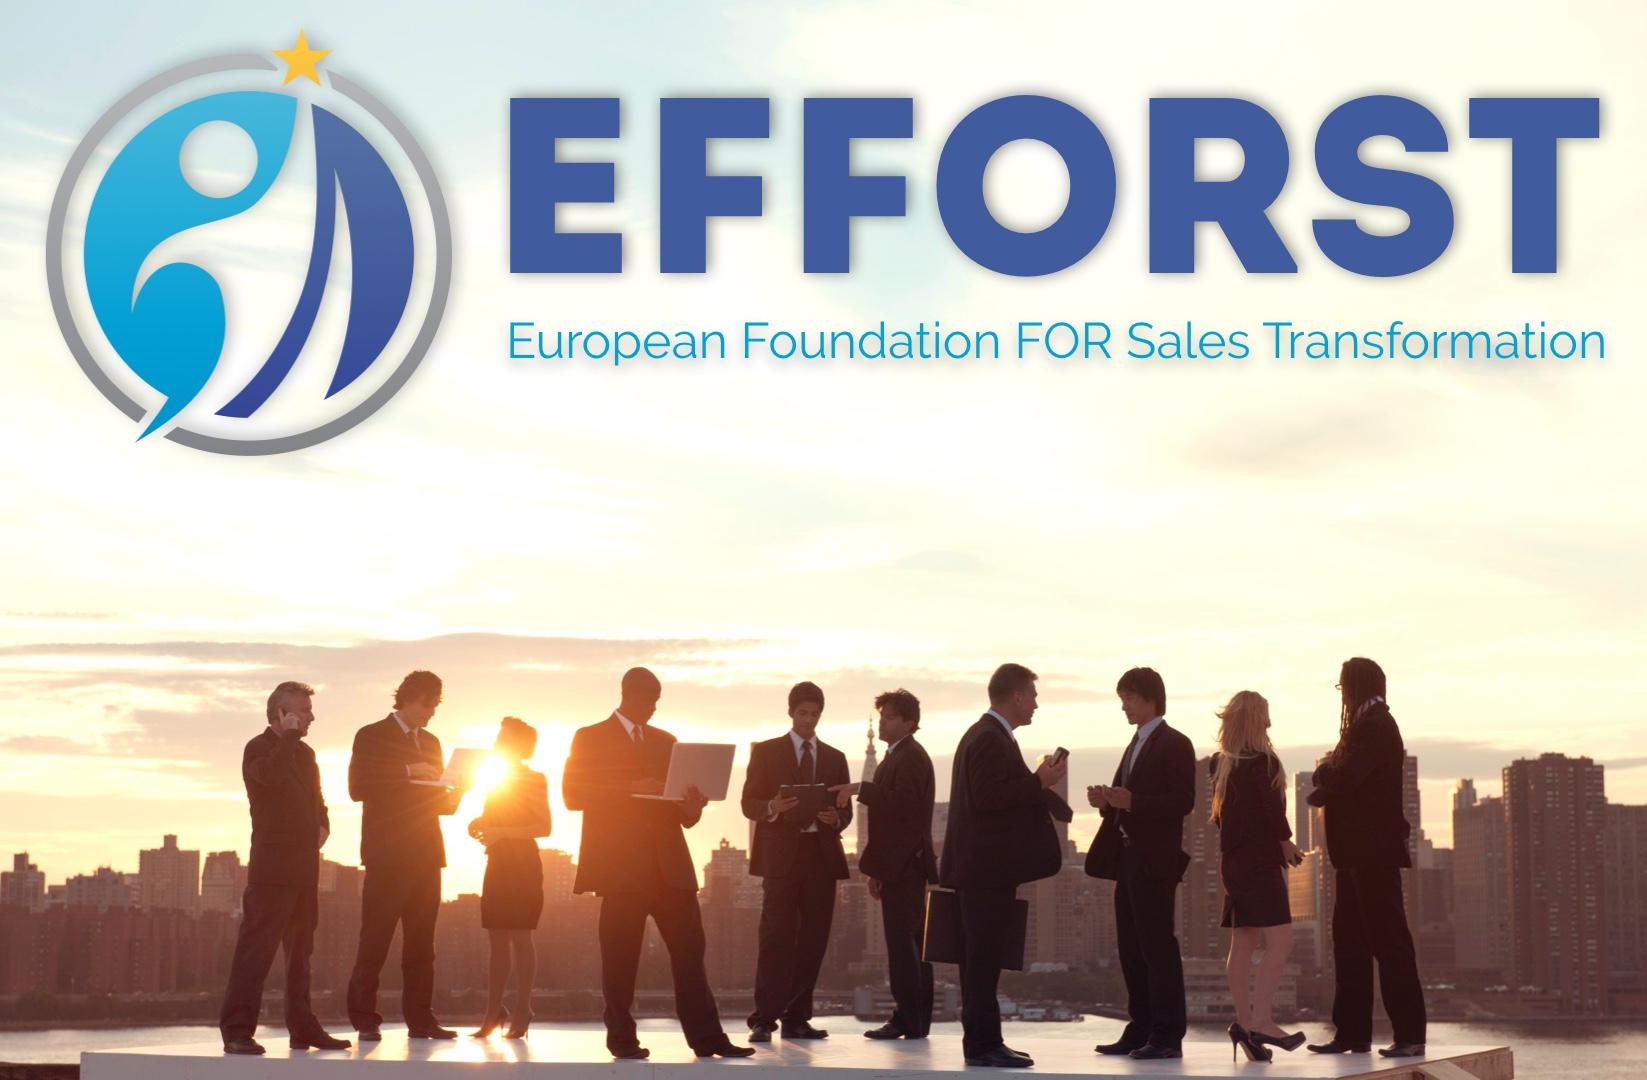 L'acte de naissance d'EFFORST : c'est aujourd'hui, 15 novembre 2016.